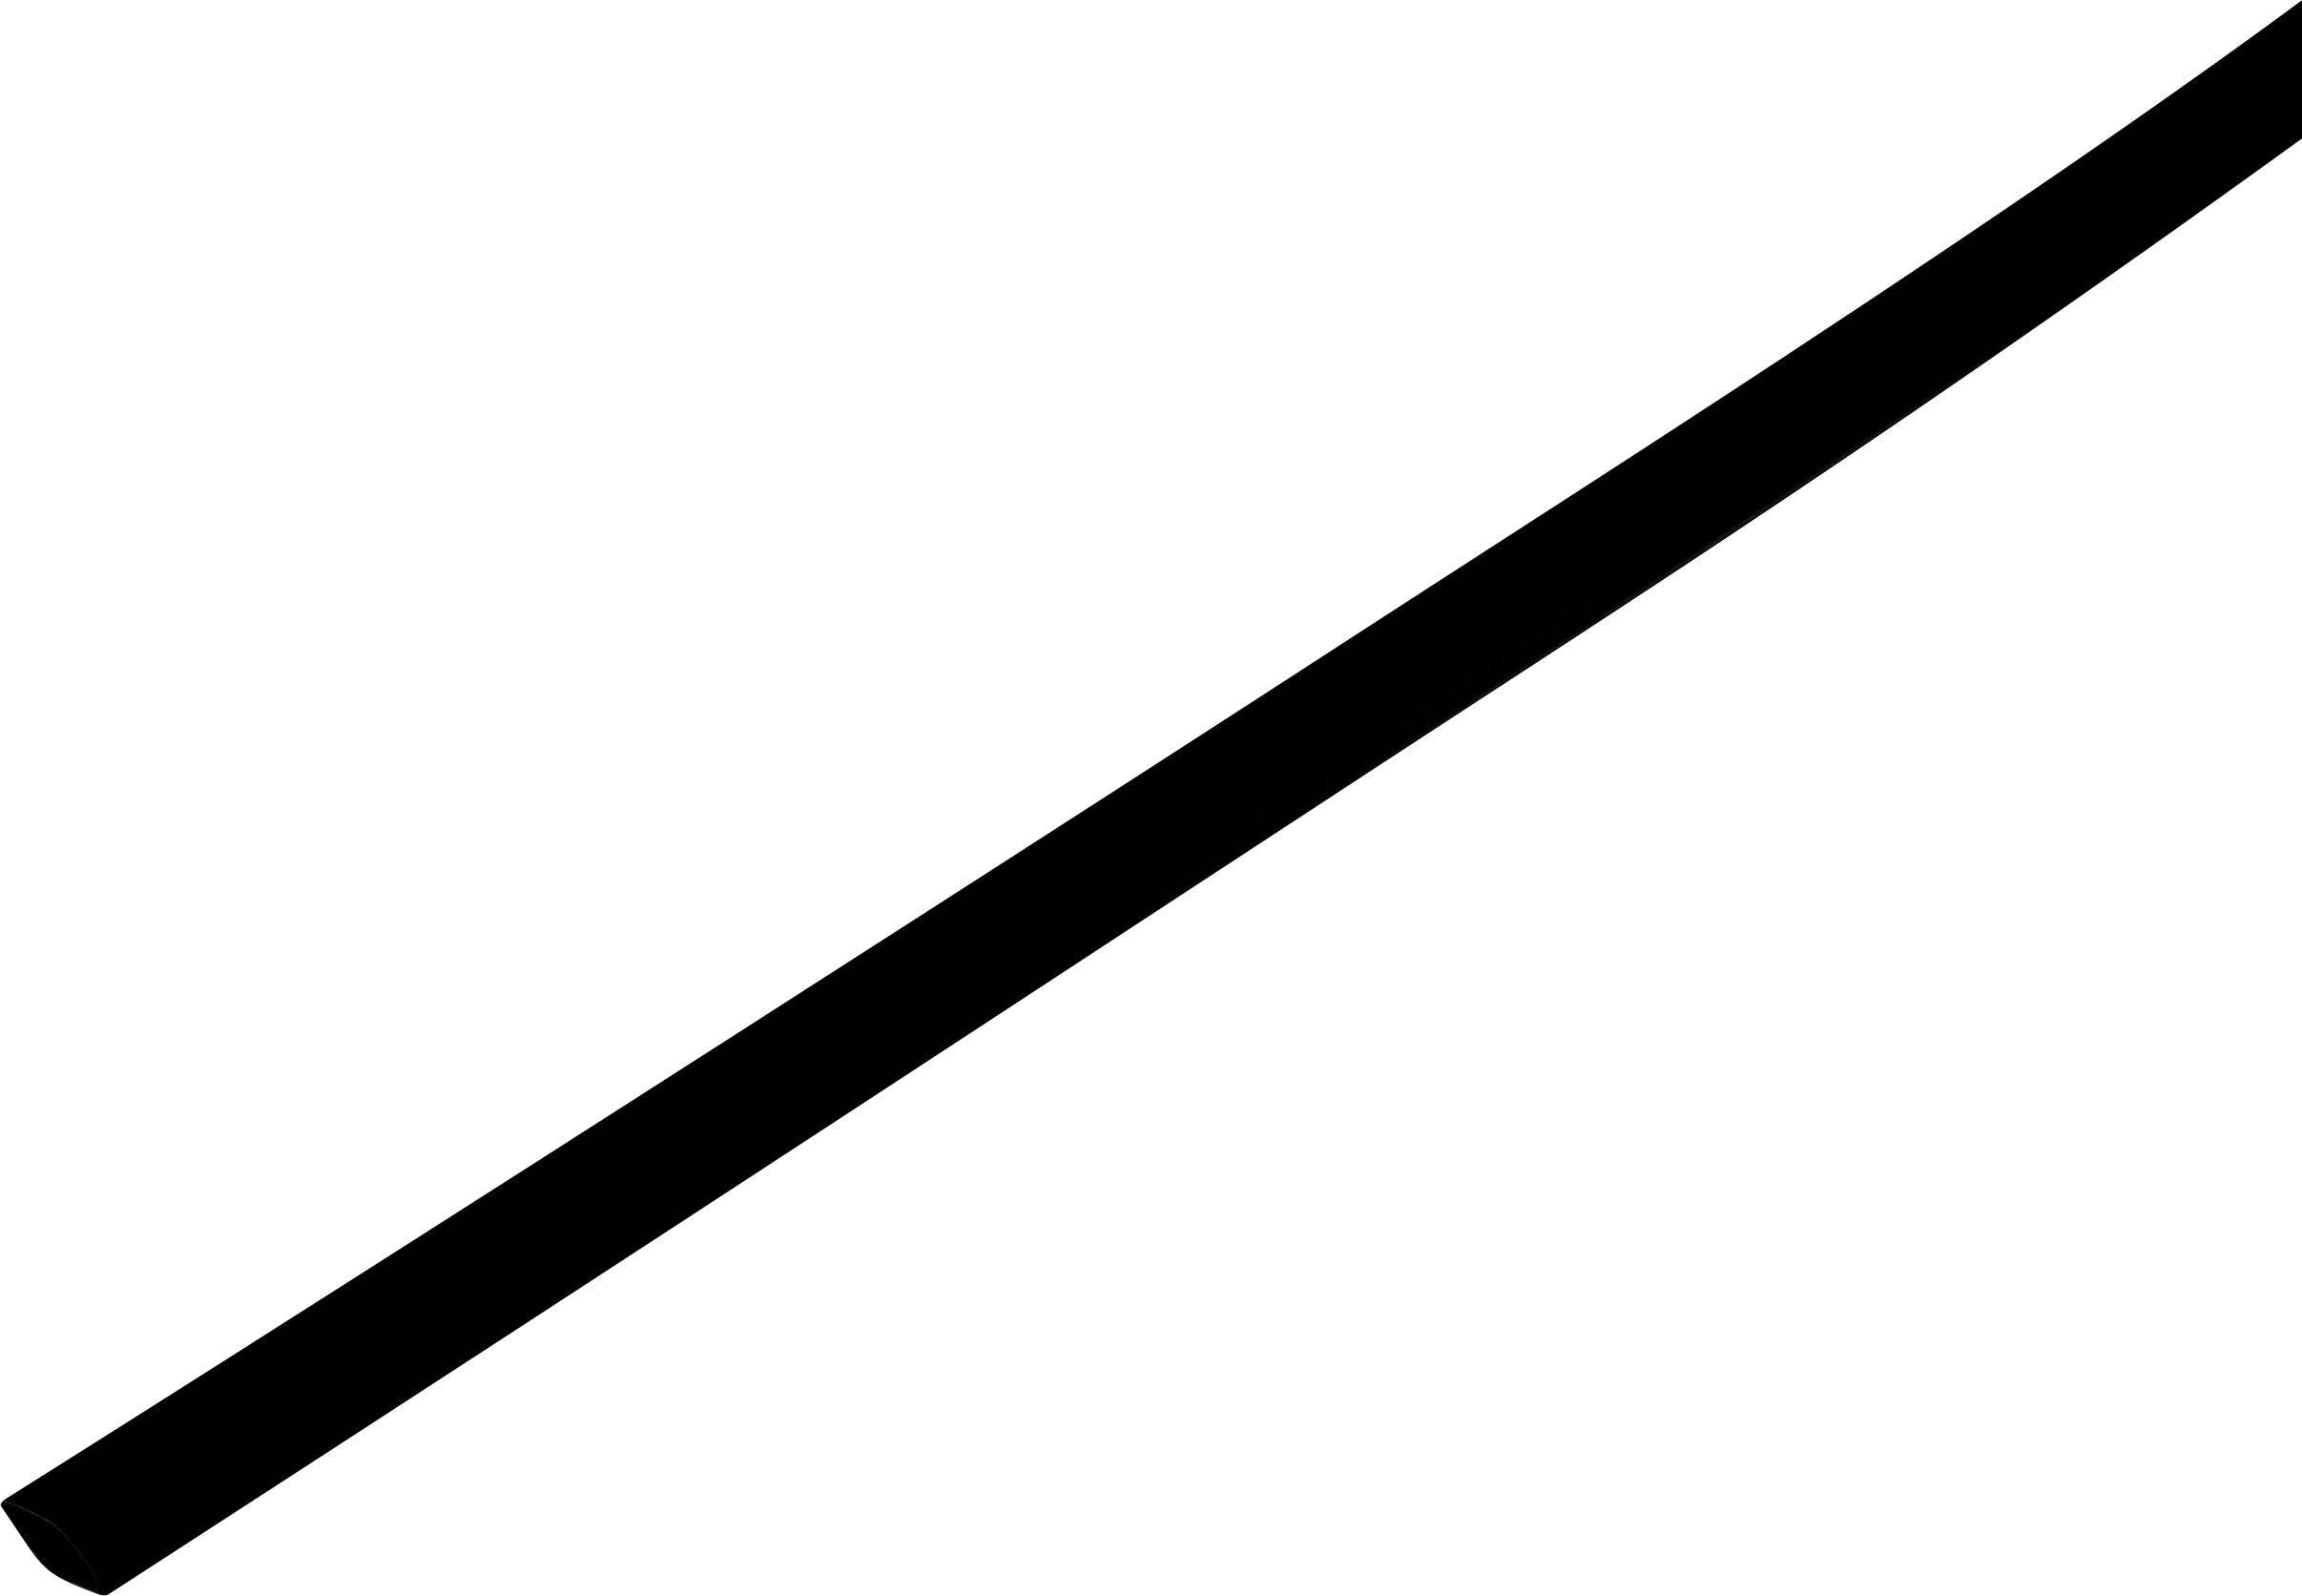 Smršťovací bužírka bez lepidla TRU COMPONENTS 1572501 2:1, -55 až +125 °C, 2.50 mm, černá, metrové zboží